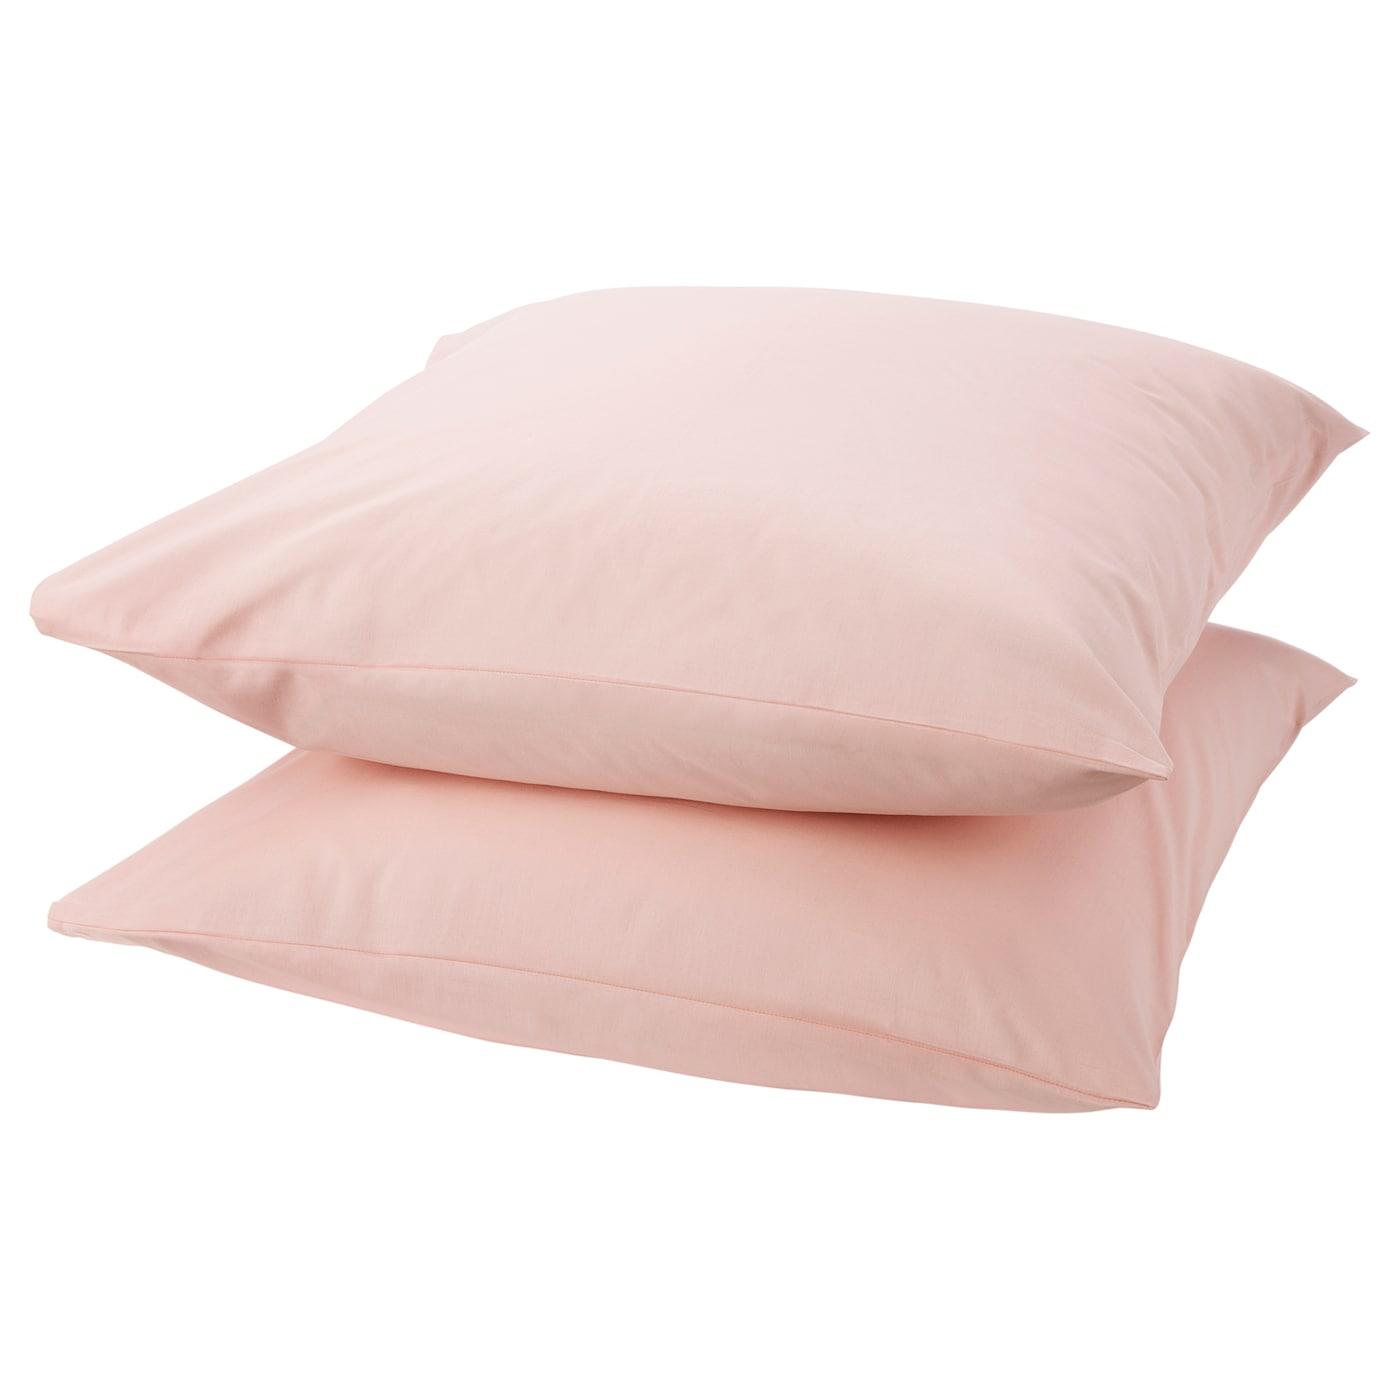 DVALA Taie d'oreiller - rose clair - IKEA